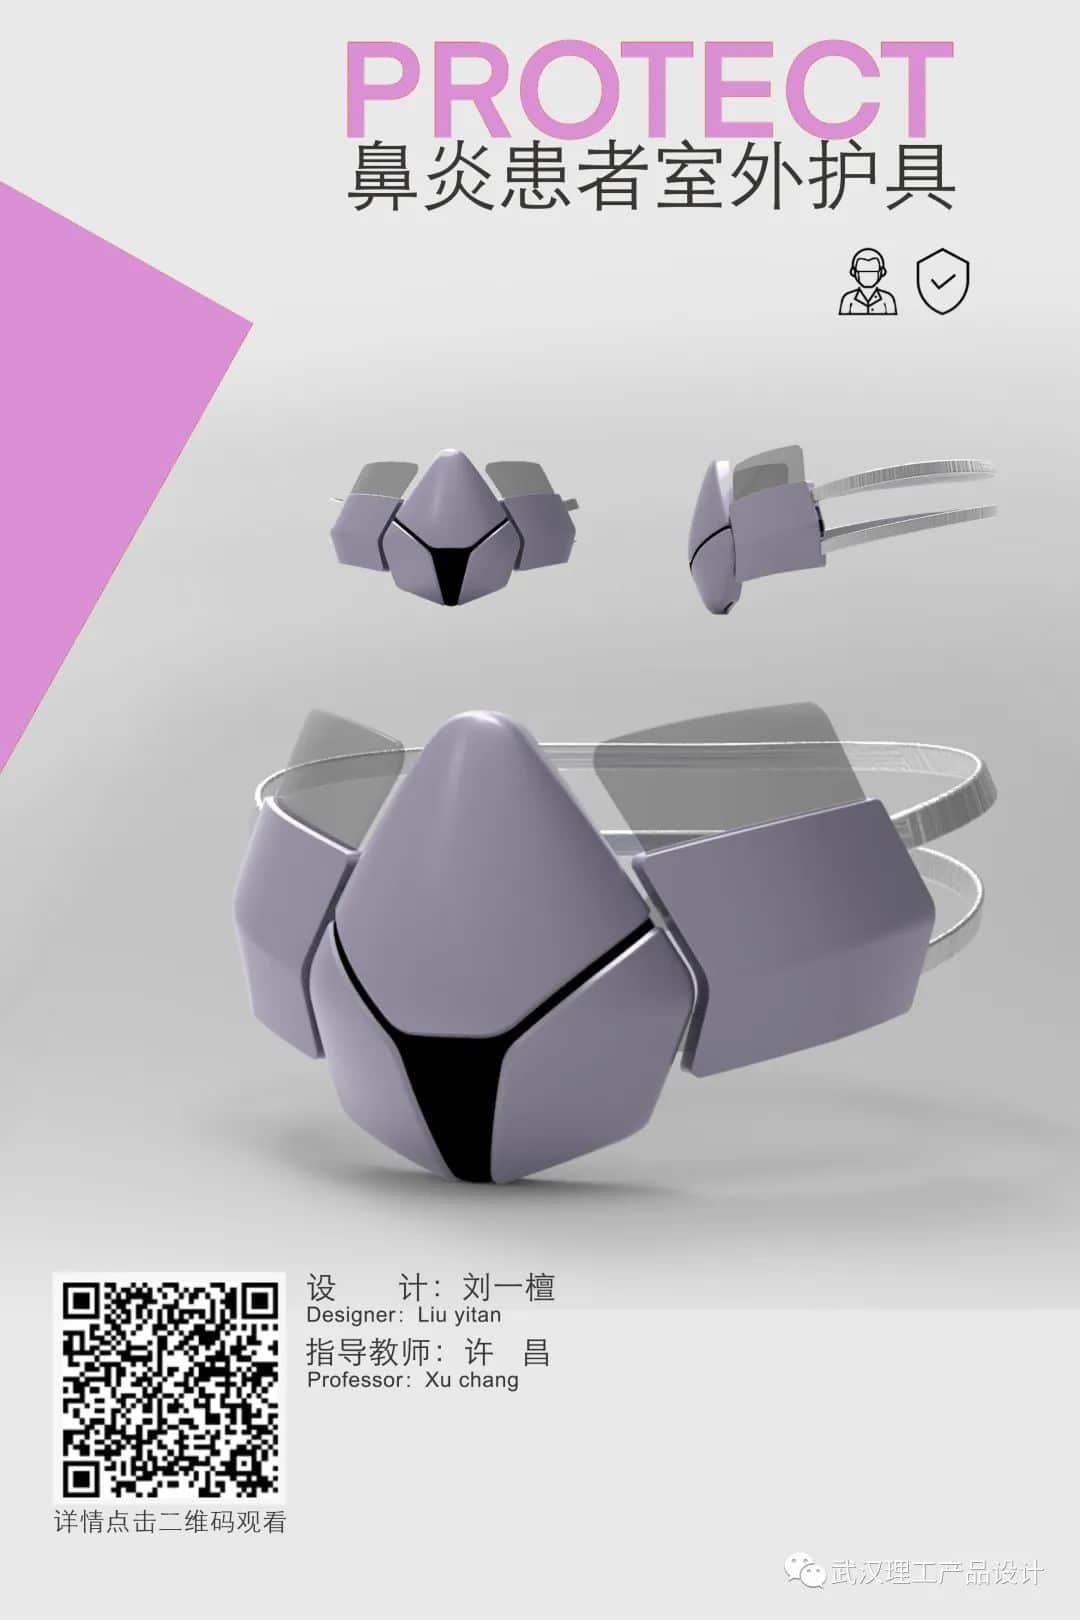 毕业设计展 | 武汉理工大学产品设计专业